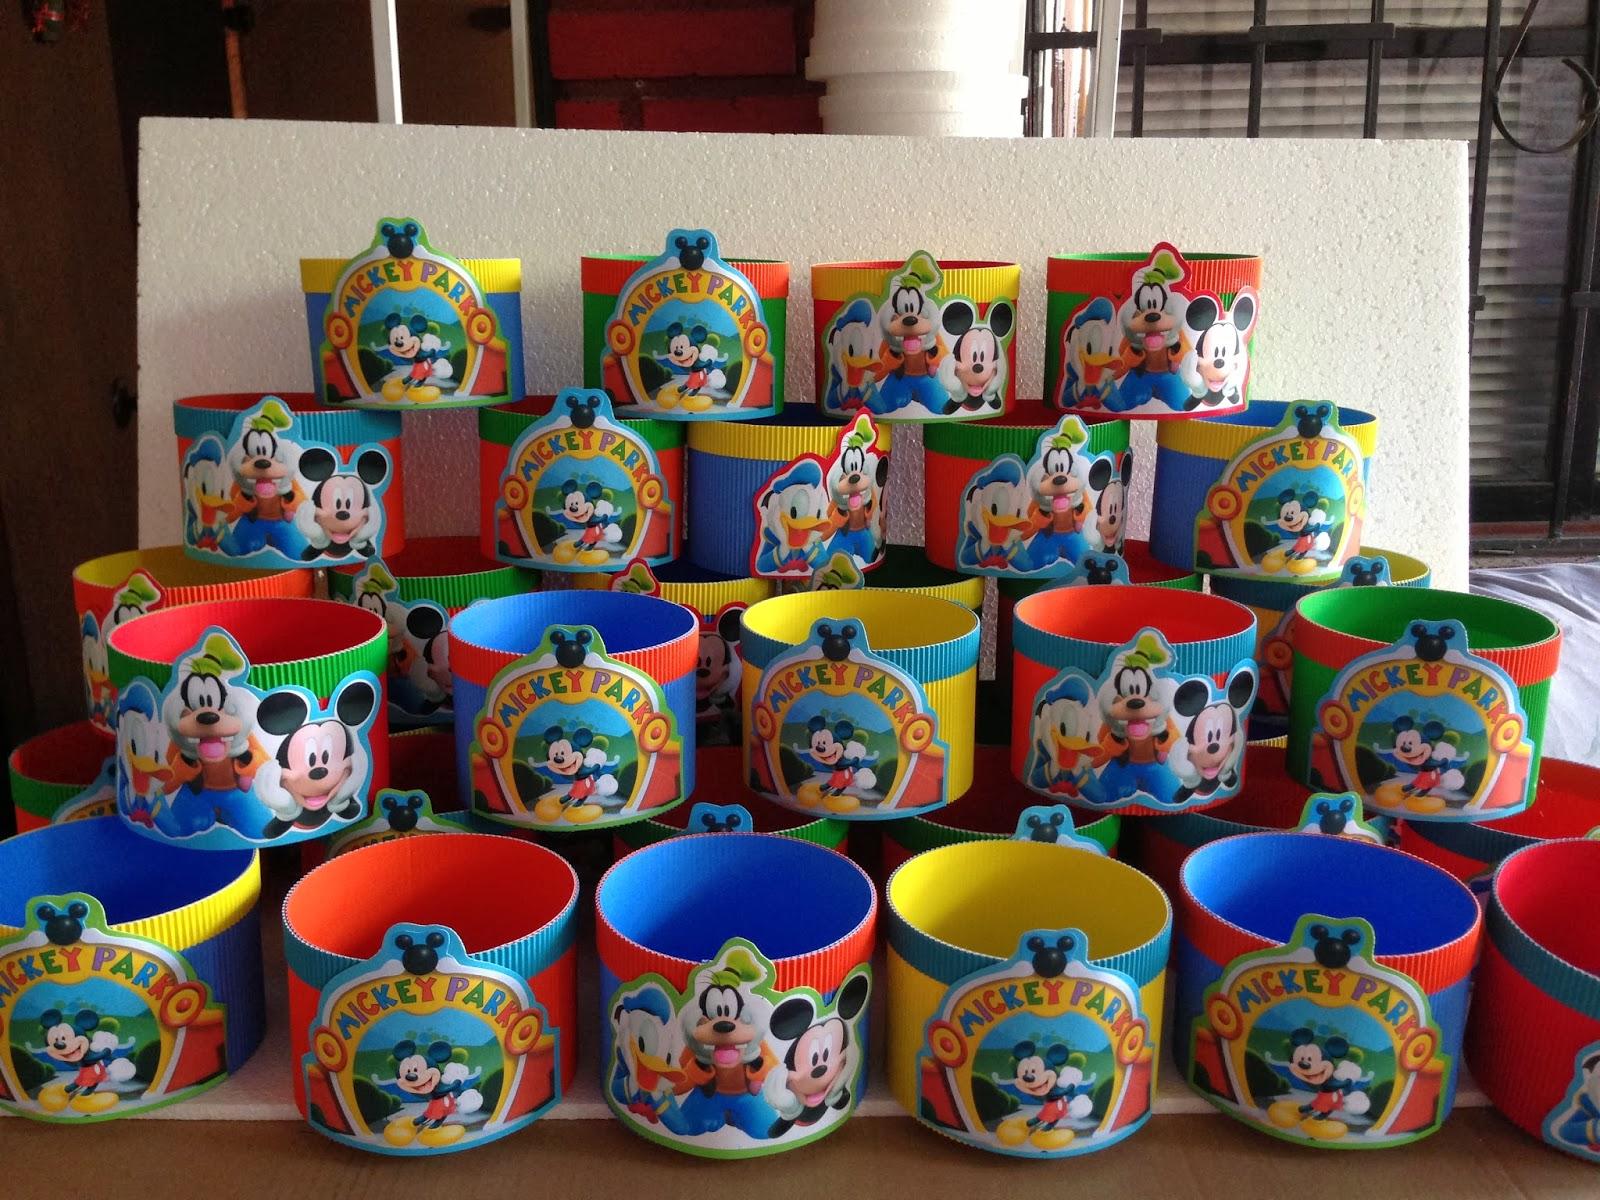 Decoraciones infantiles la casa de mickey mouse - La casa sueca decoracion ...